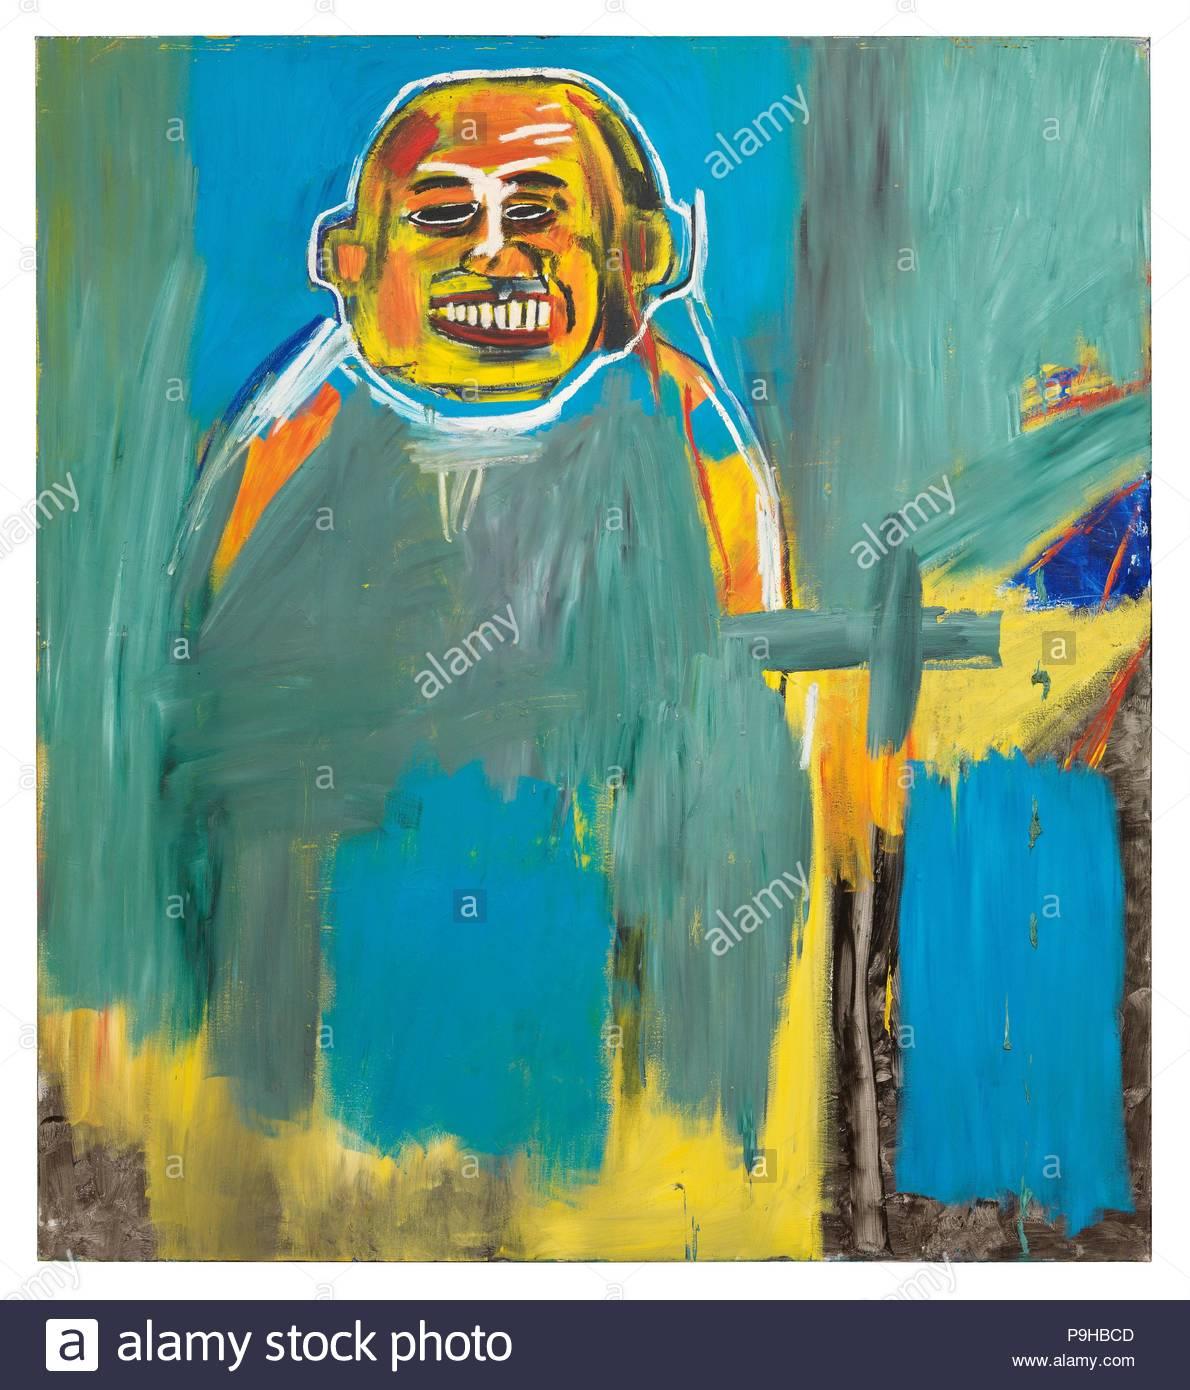 Jean michel basquiat stockfotos jean michel basquiat bilder alamy - Dusseldorf bilder auf leinwand ...